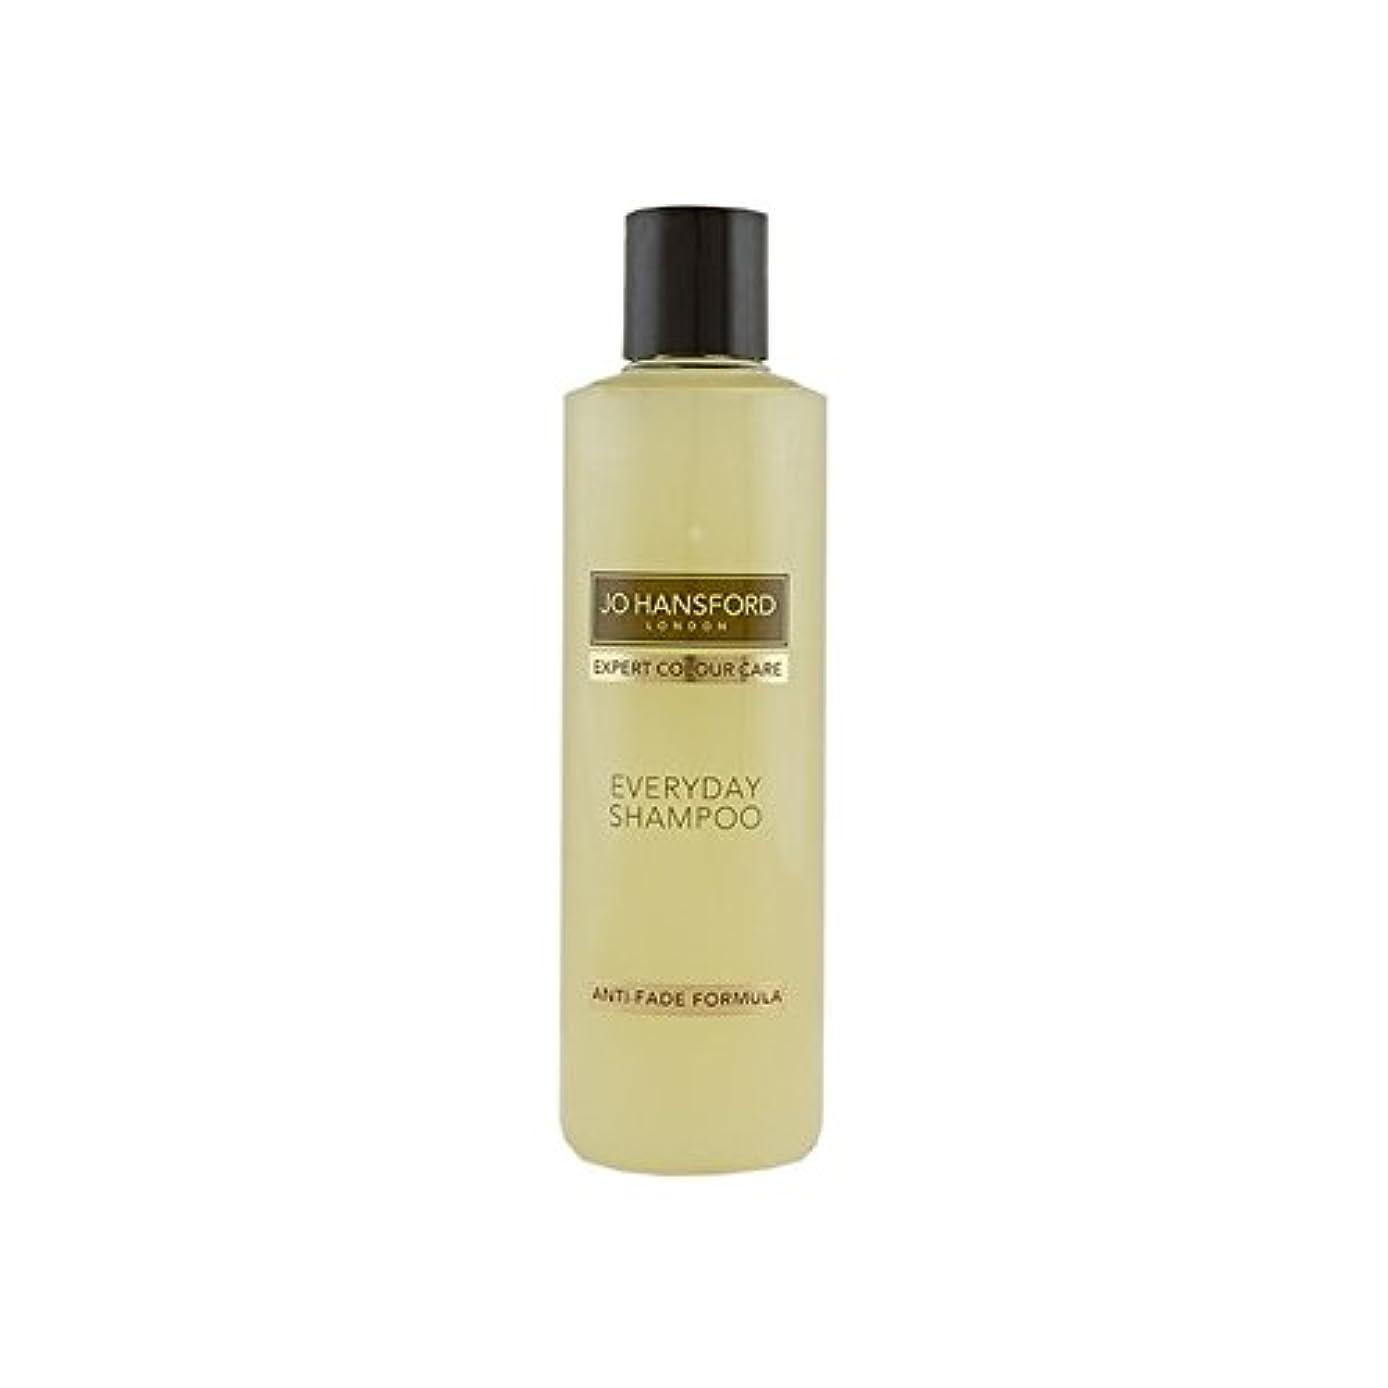 コンテスト大学院見積りジョー?ハンスフォード日常のシャンプー(250ミリリットル) x2 - Jo Hansford Everyday Shampoo (250ml) (Pack of 2) [並行輸入品]